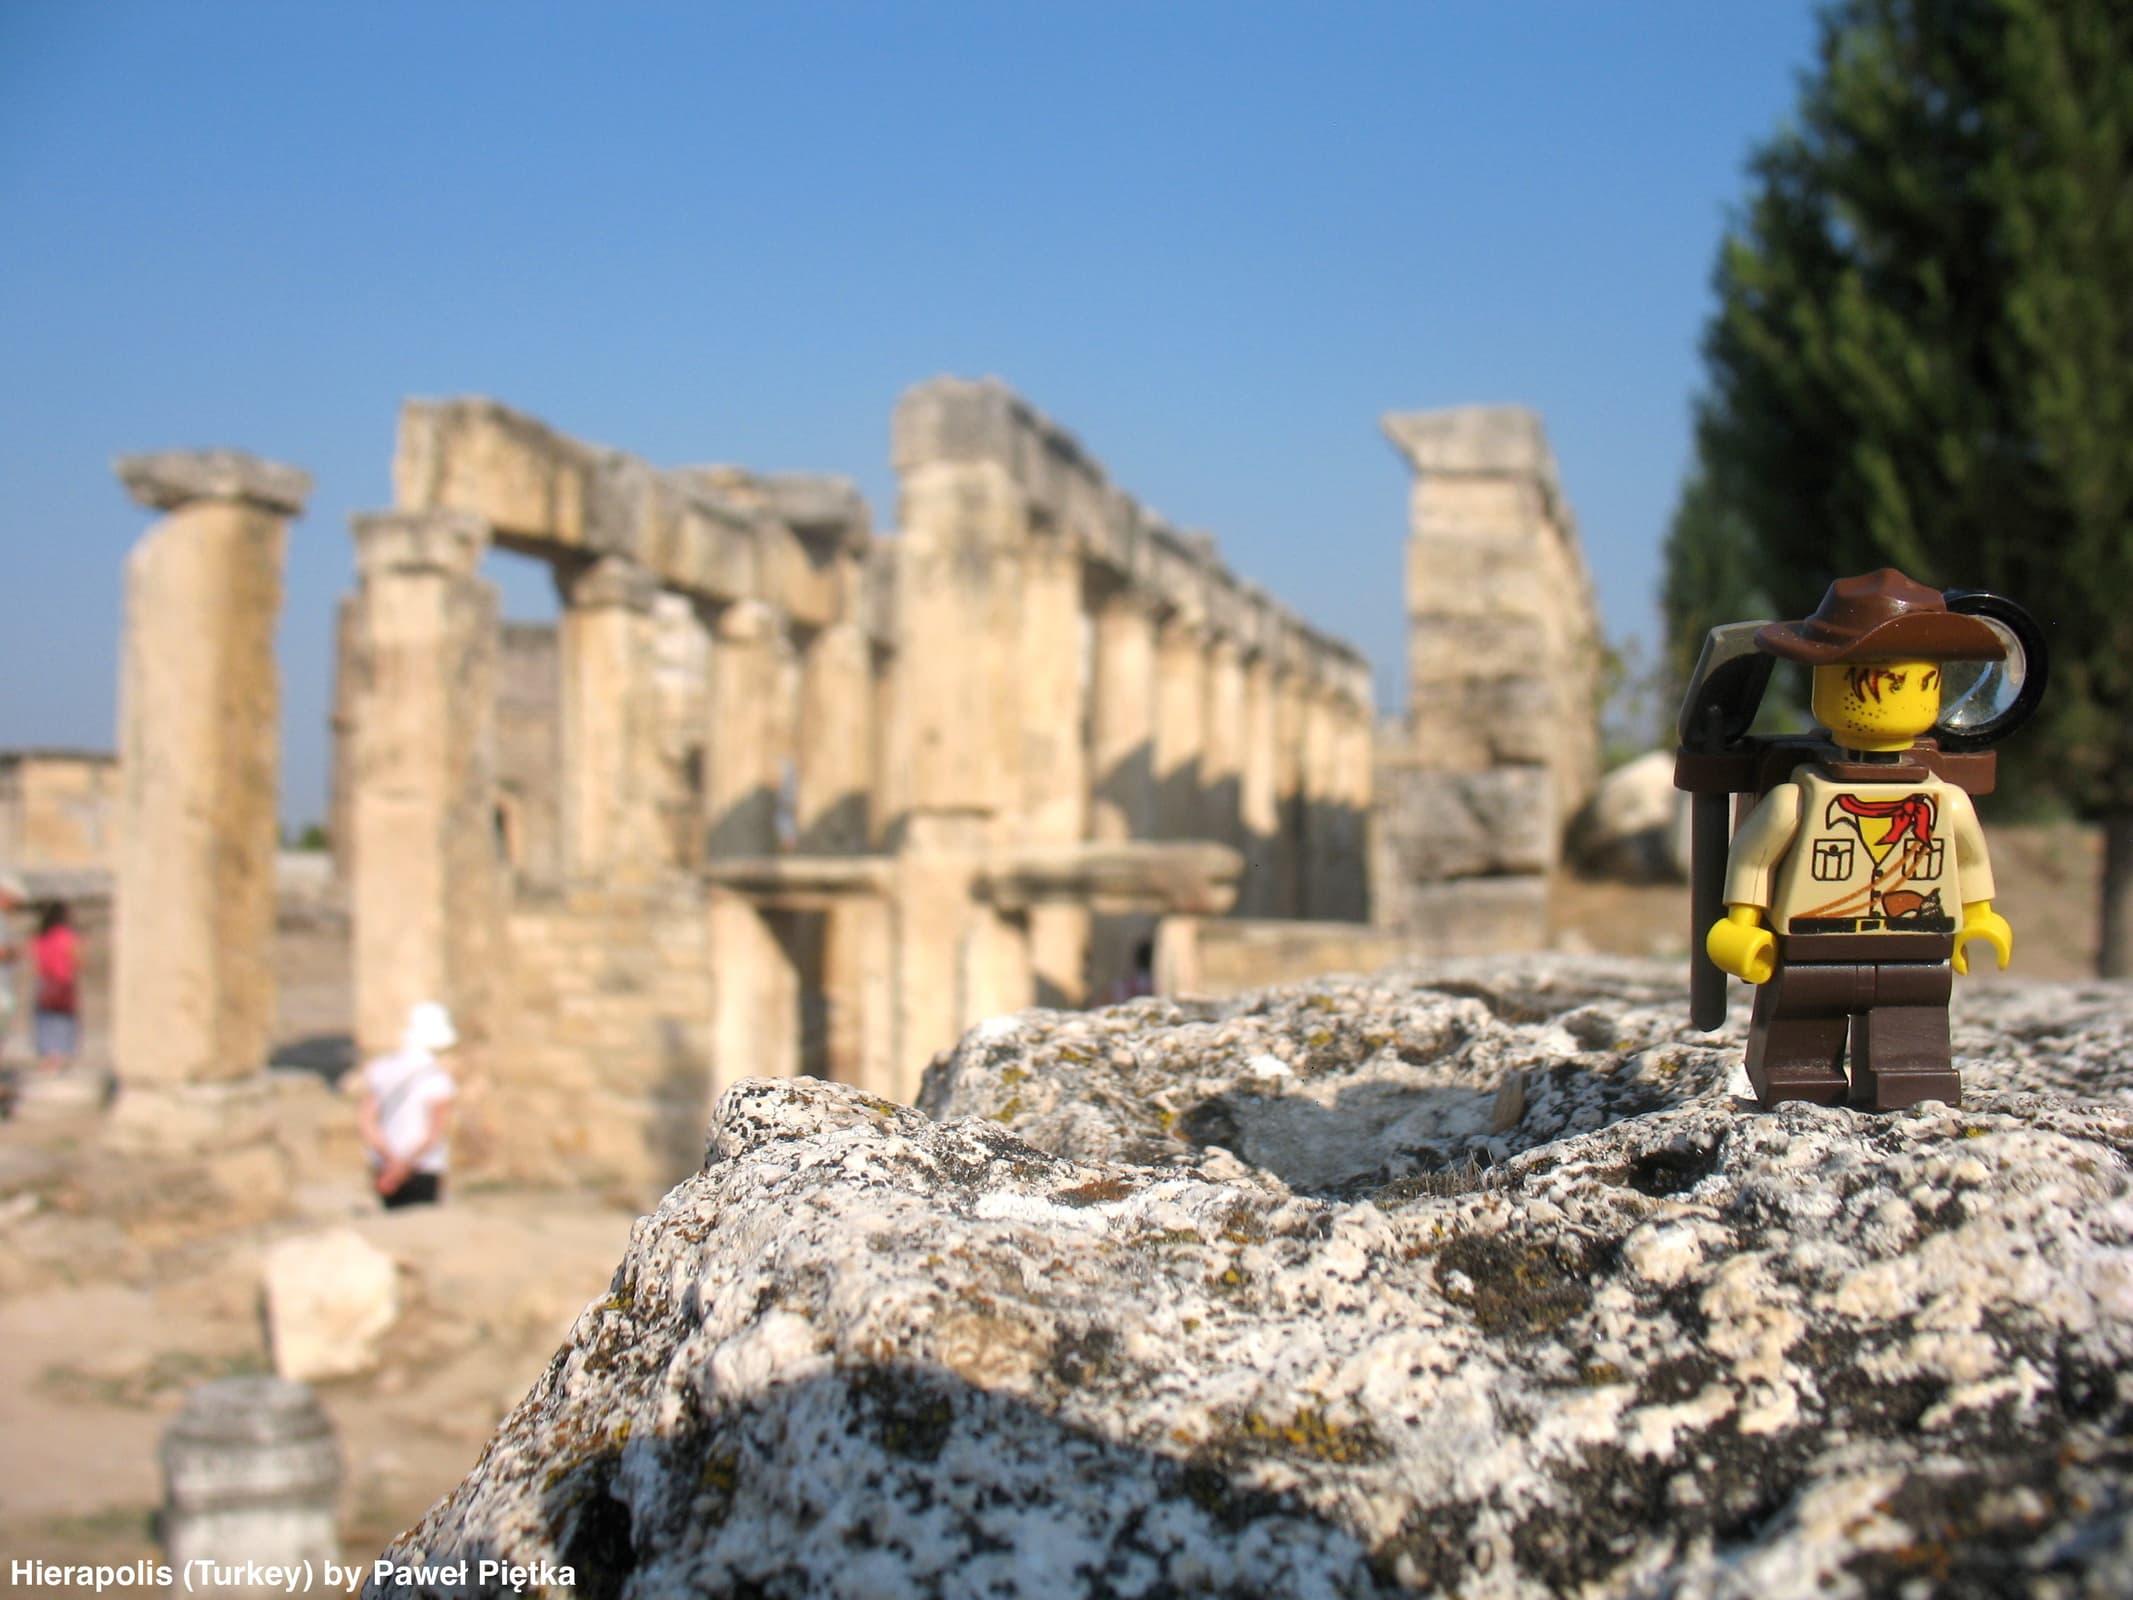 Hierapolis (Turkey) - Ruins 2